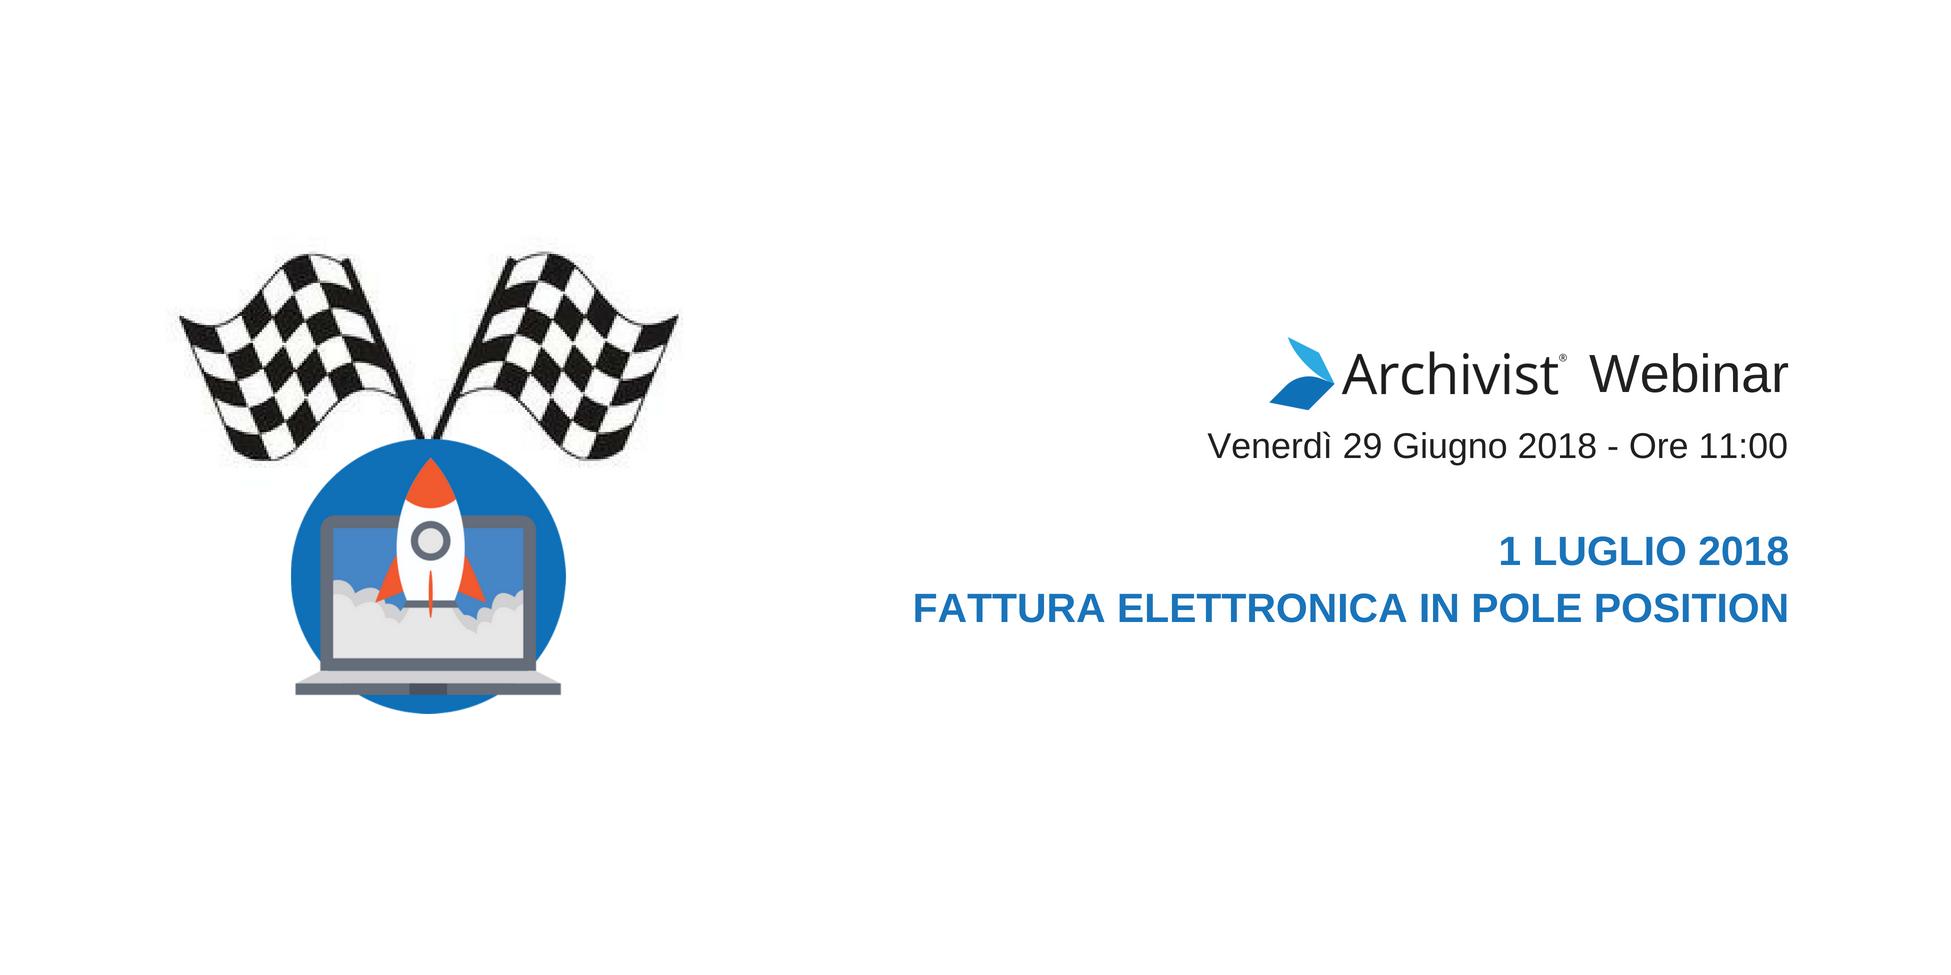 Partecipa al webinar gratuito sulla fattura elettronica carburante!